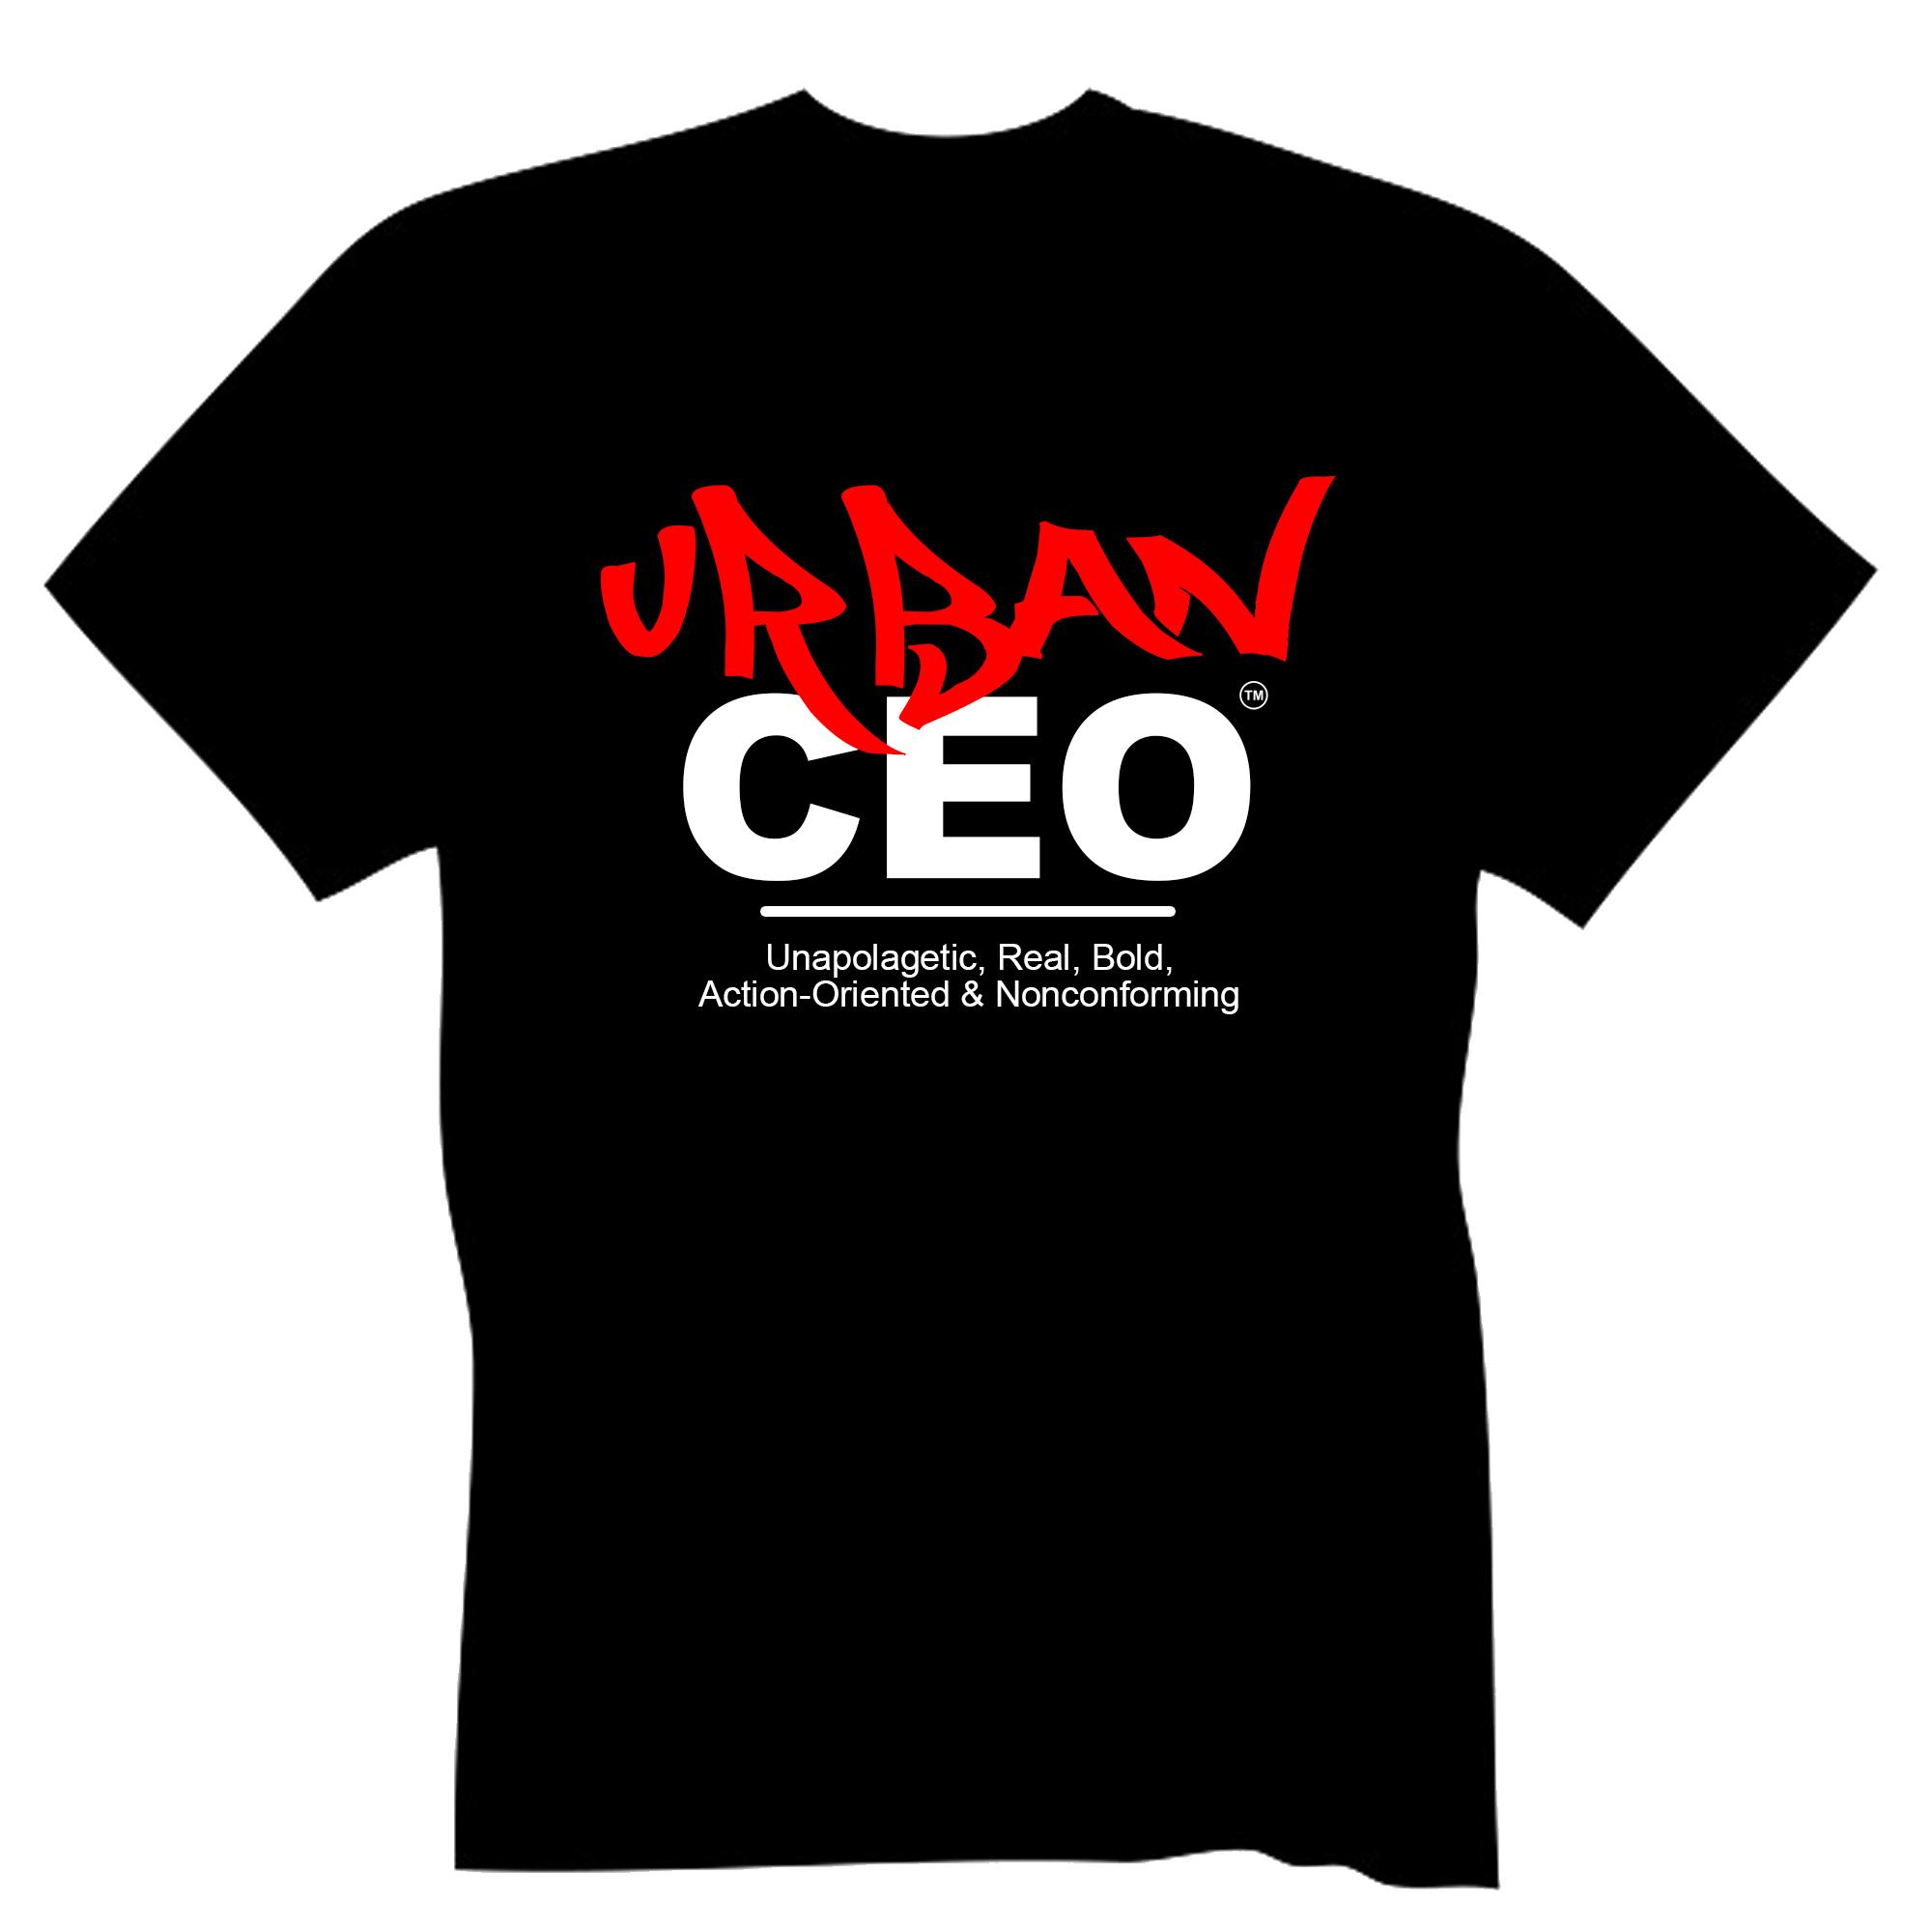 URBAN CEO Tshirts 00005